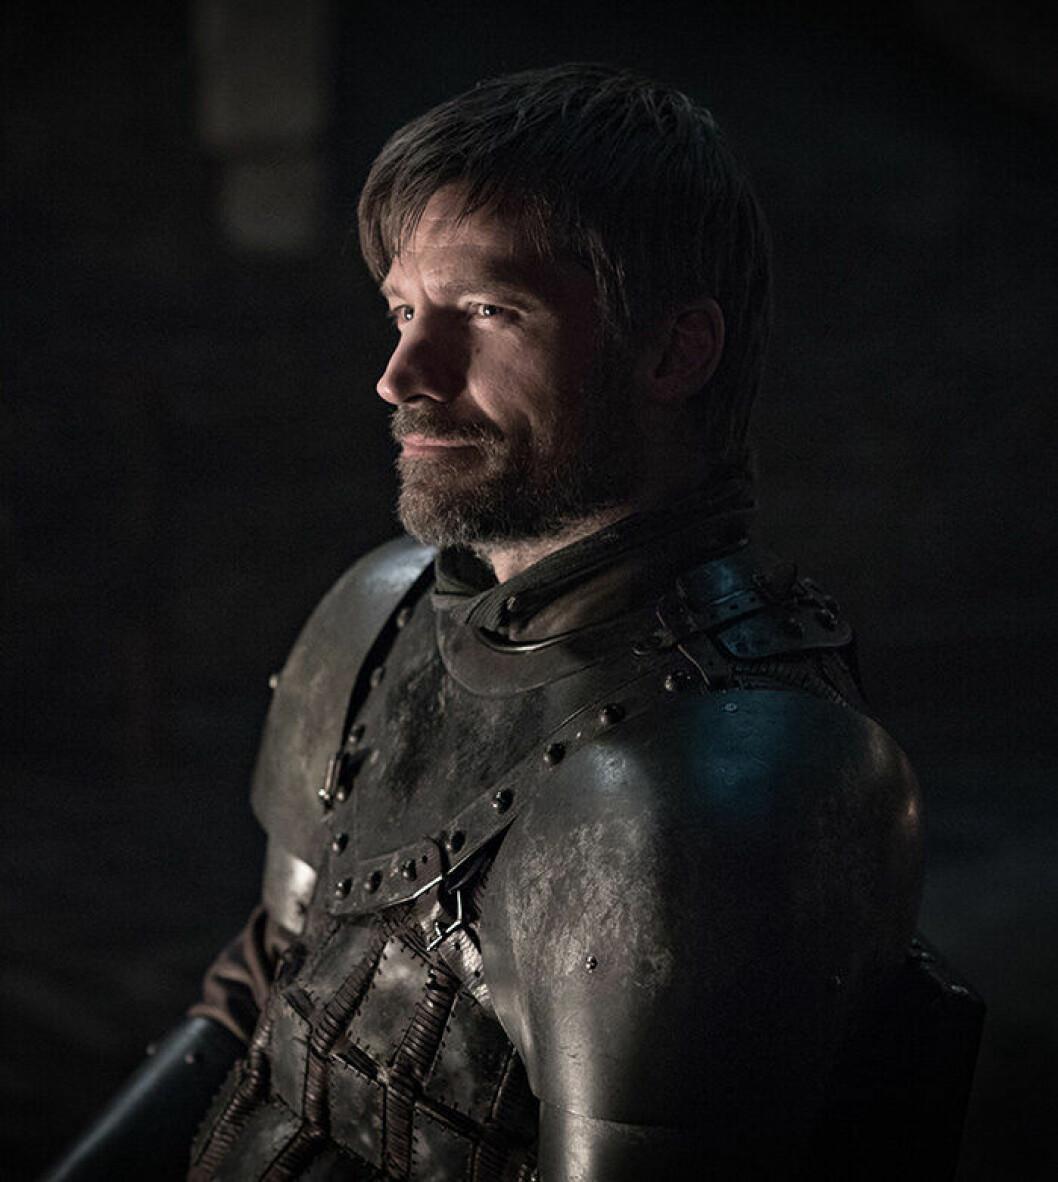 En bild på karaktären Jamie Lannister från tv-serien Game of Thrones.